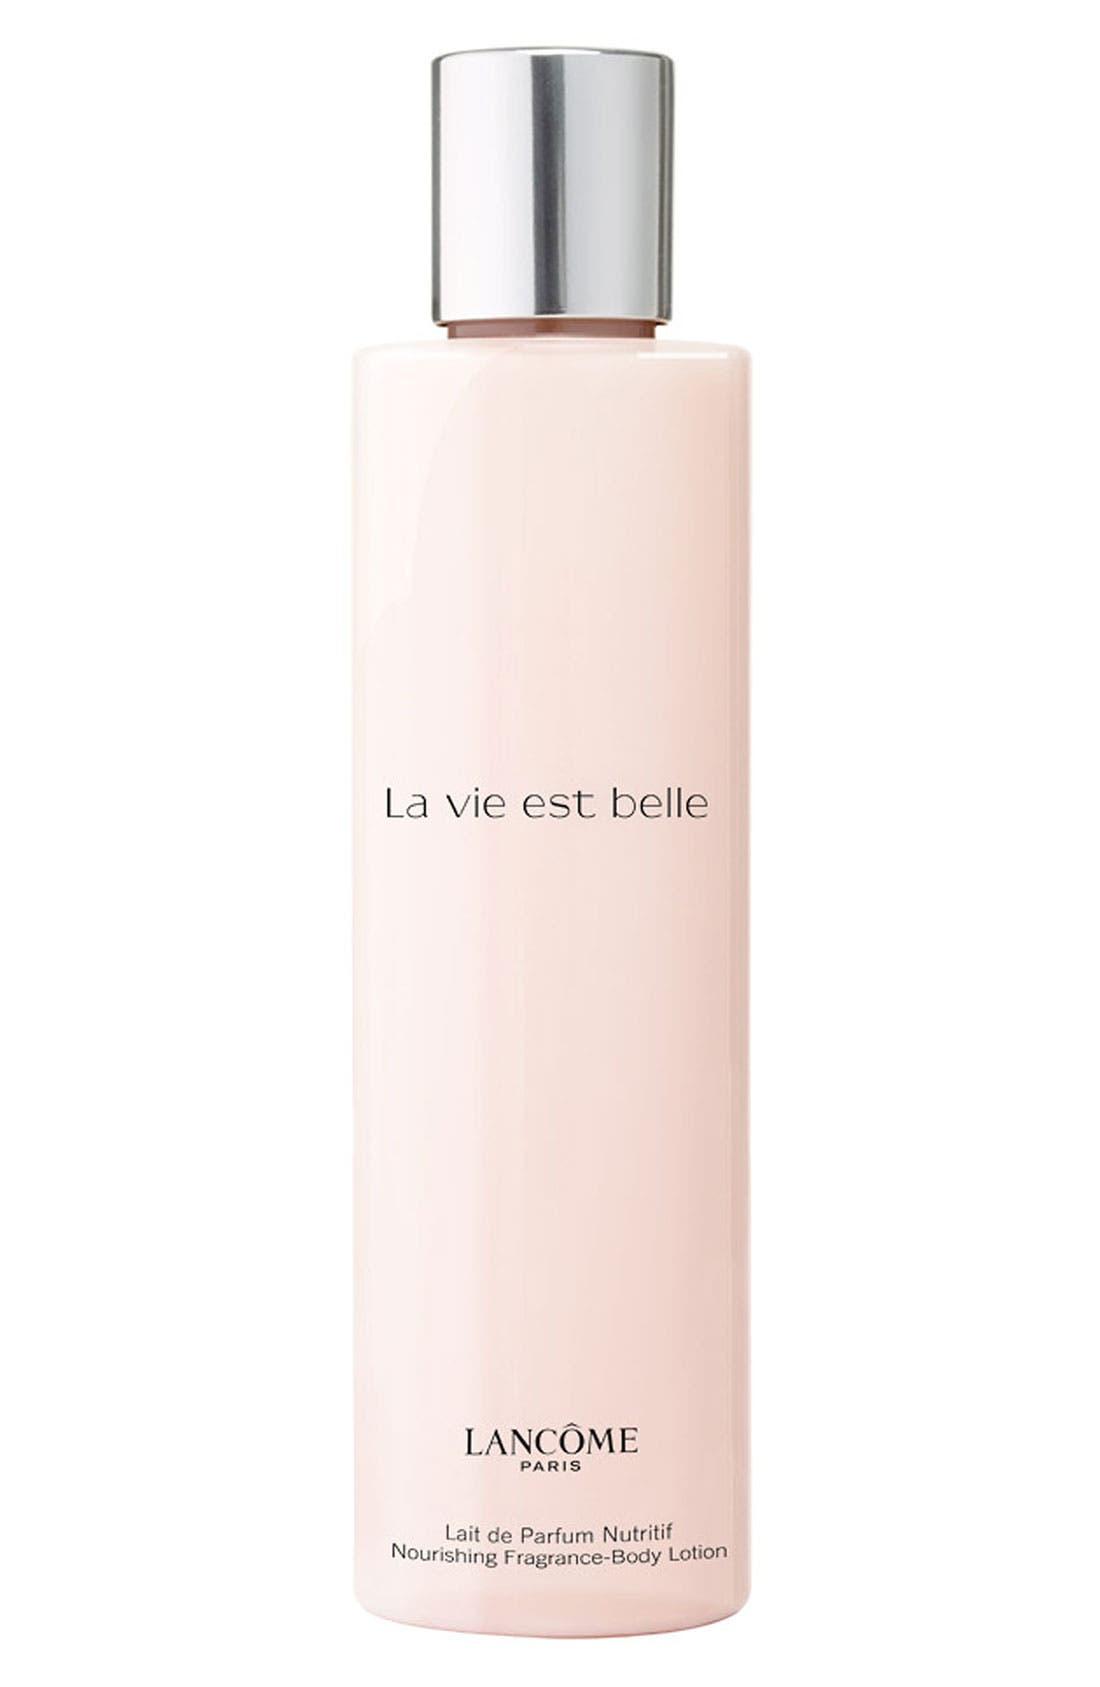 La Vie est Belle Body Lotion,                             Main thumbnail 1, color,                             NO COLOR